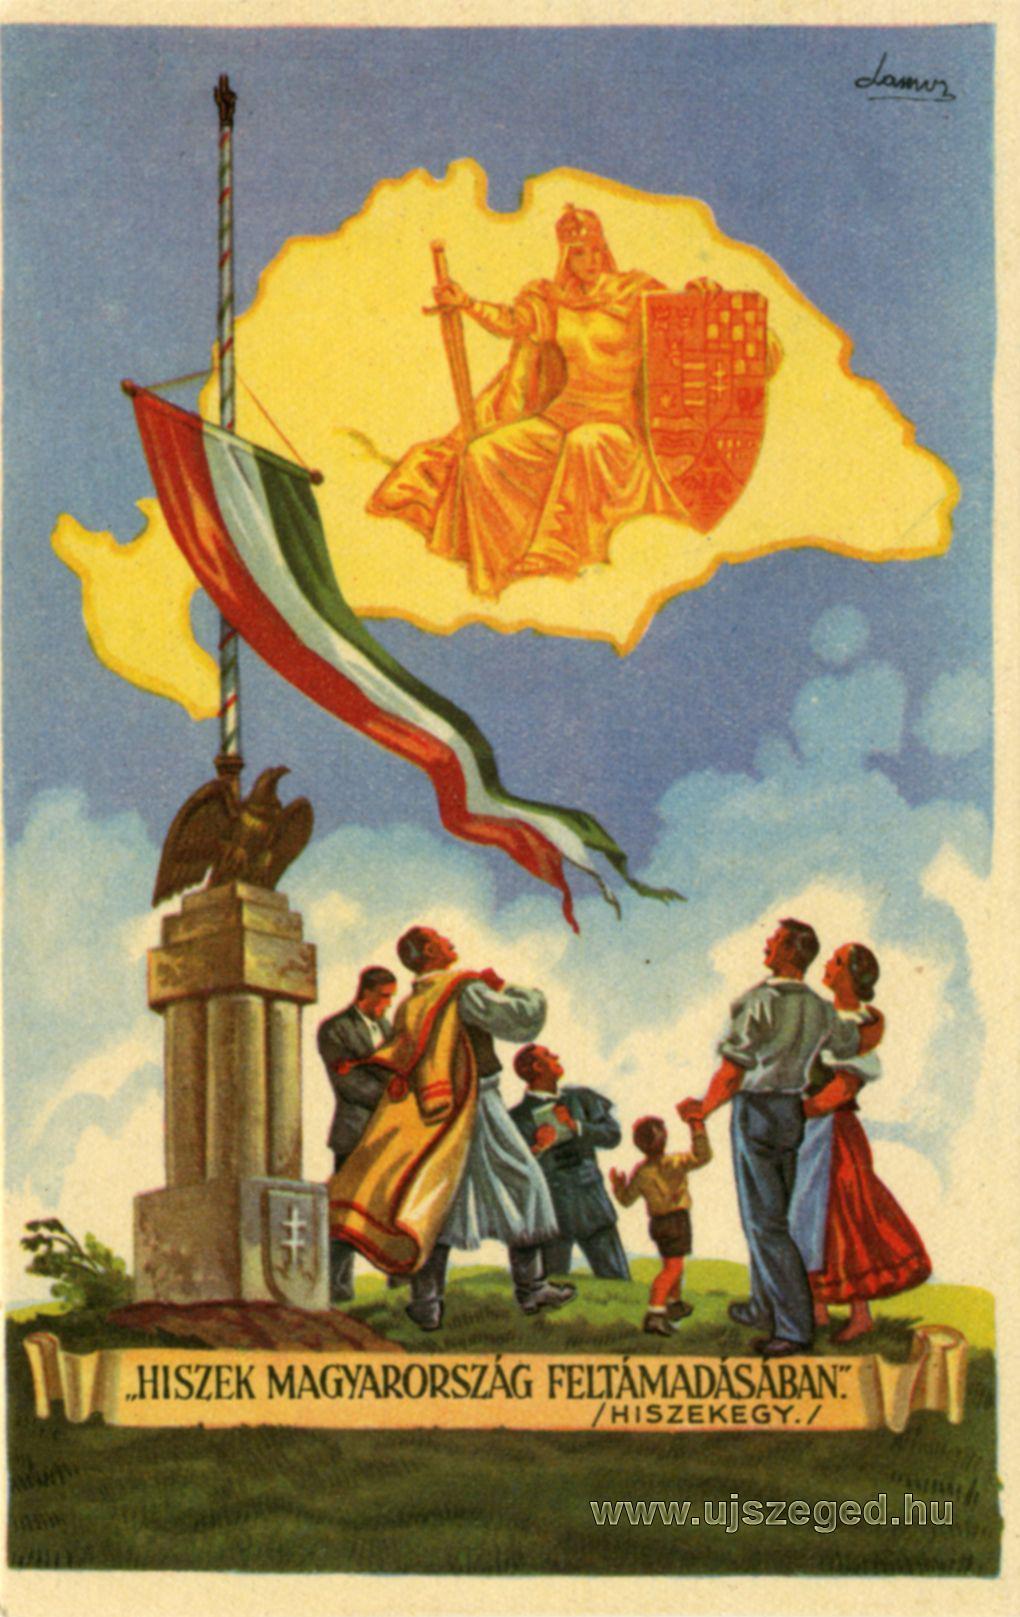 Hiszek Magyarország feltámadásában! kép